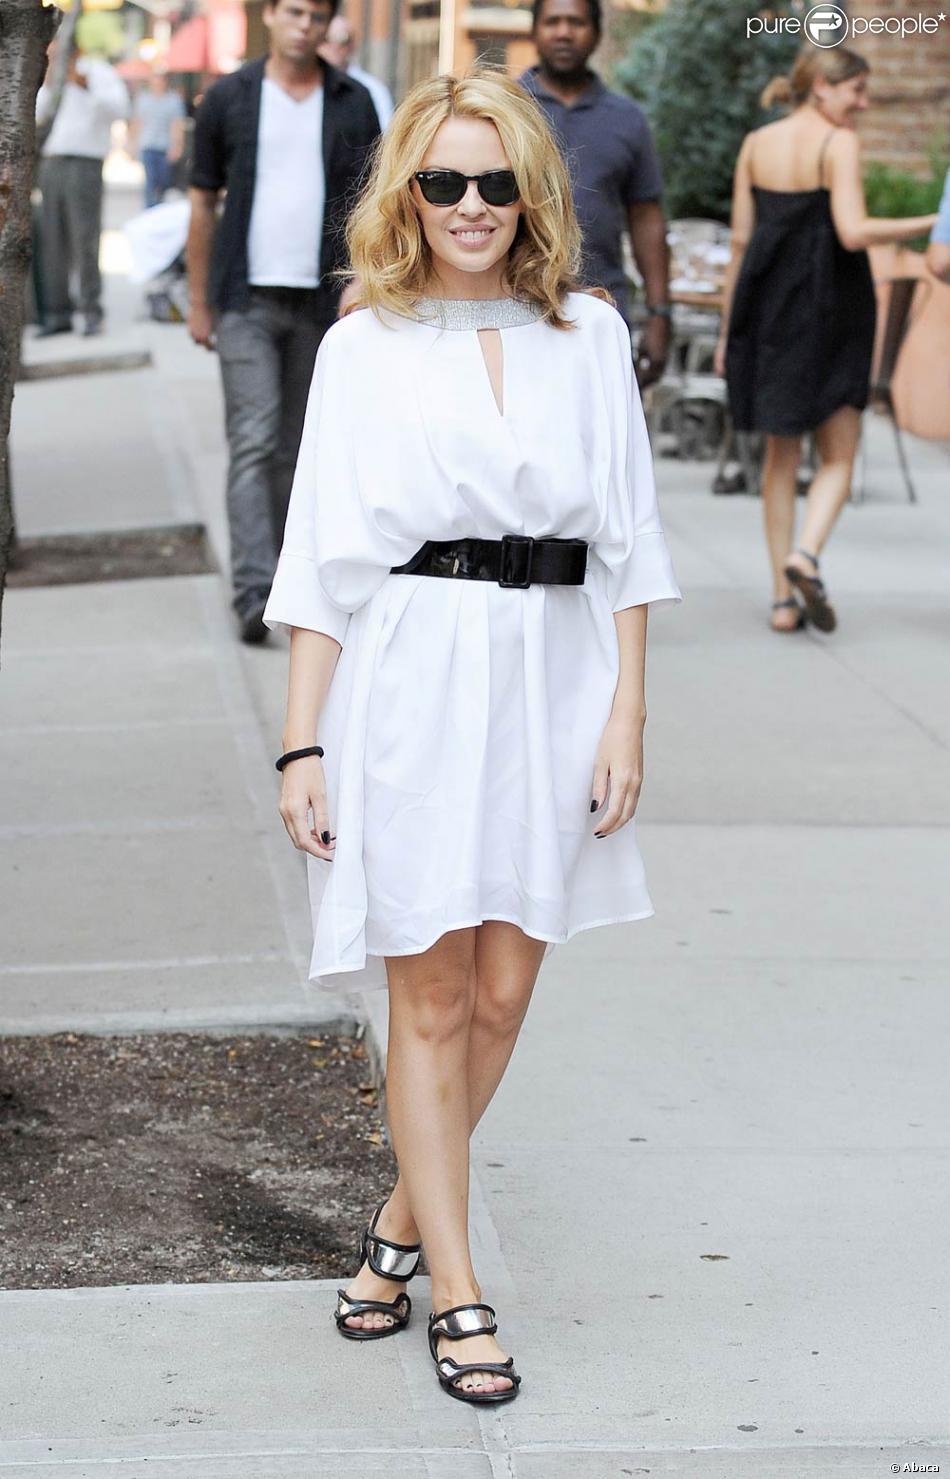 La chanteuse Kylie Minogue très chic et estival dans une petite robe  blanche façon tunique, joliment rehaussée d une large ceinture noire,  portée avec de ... 9f255d47a9a